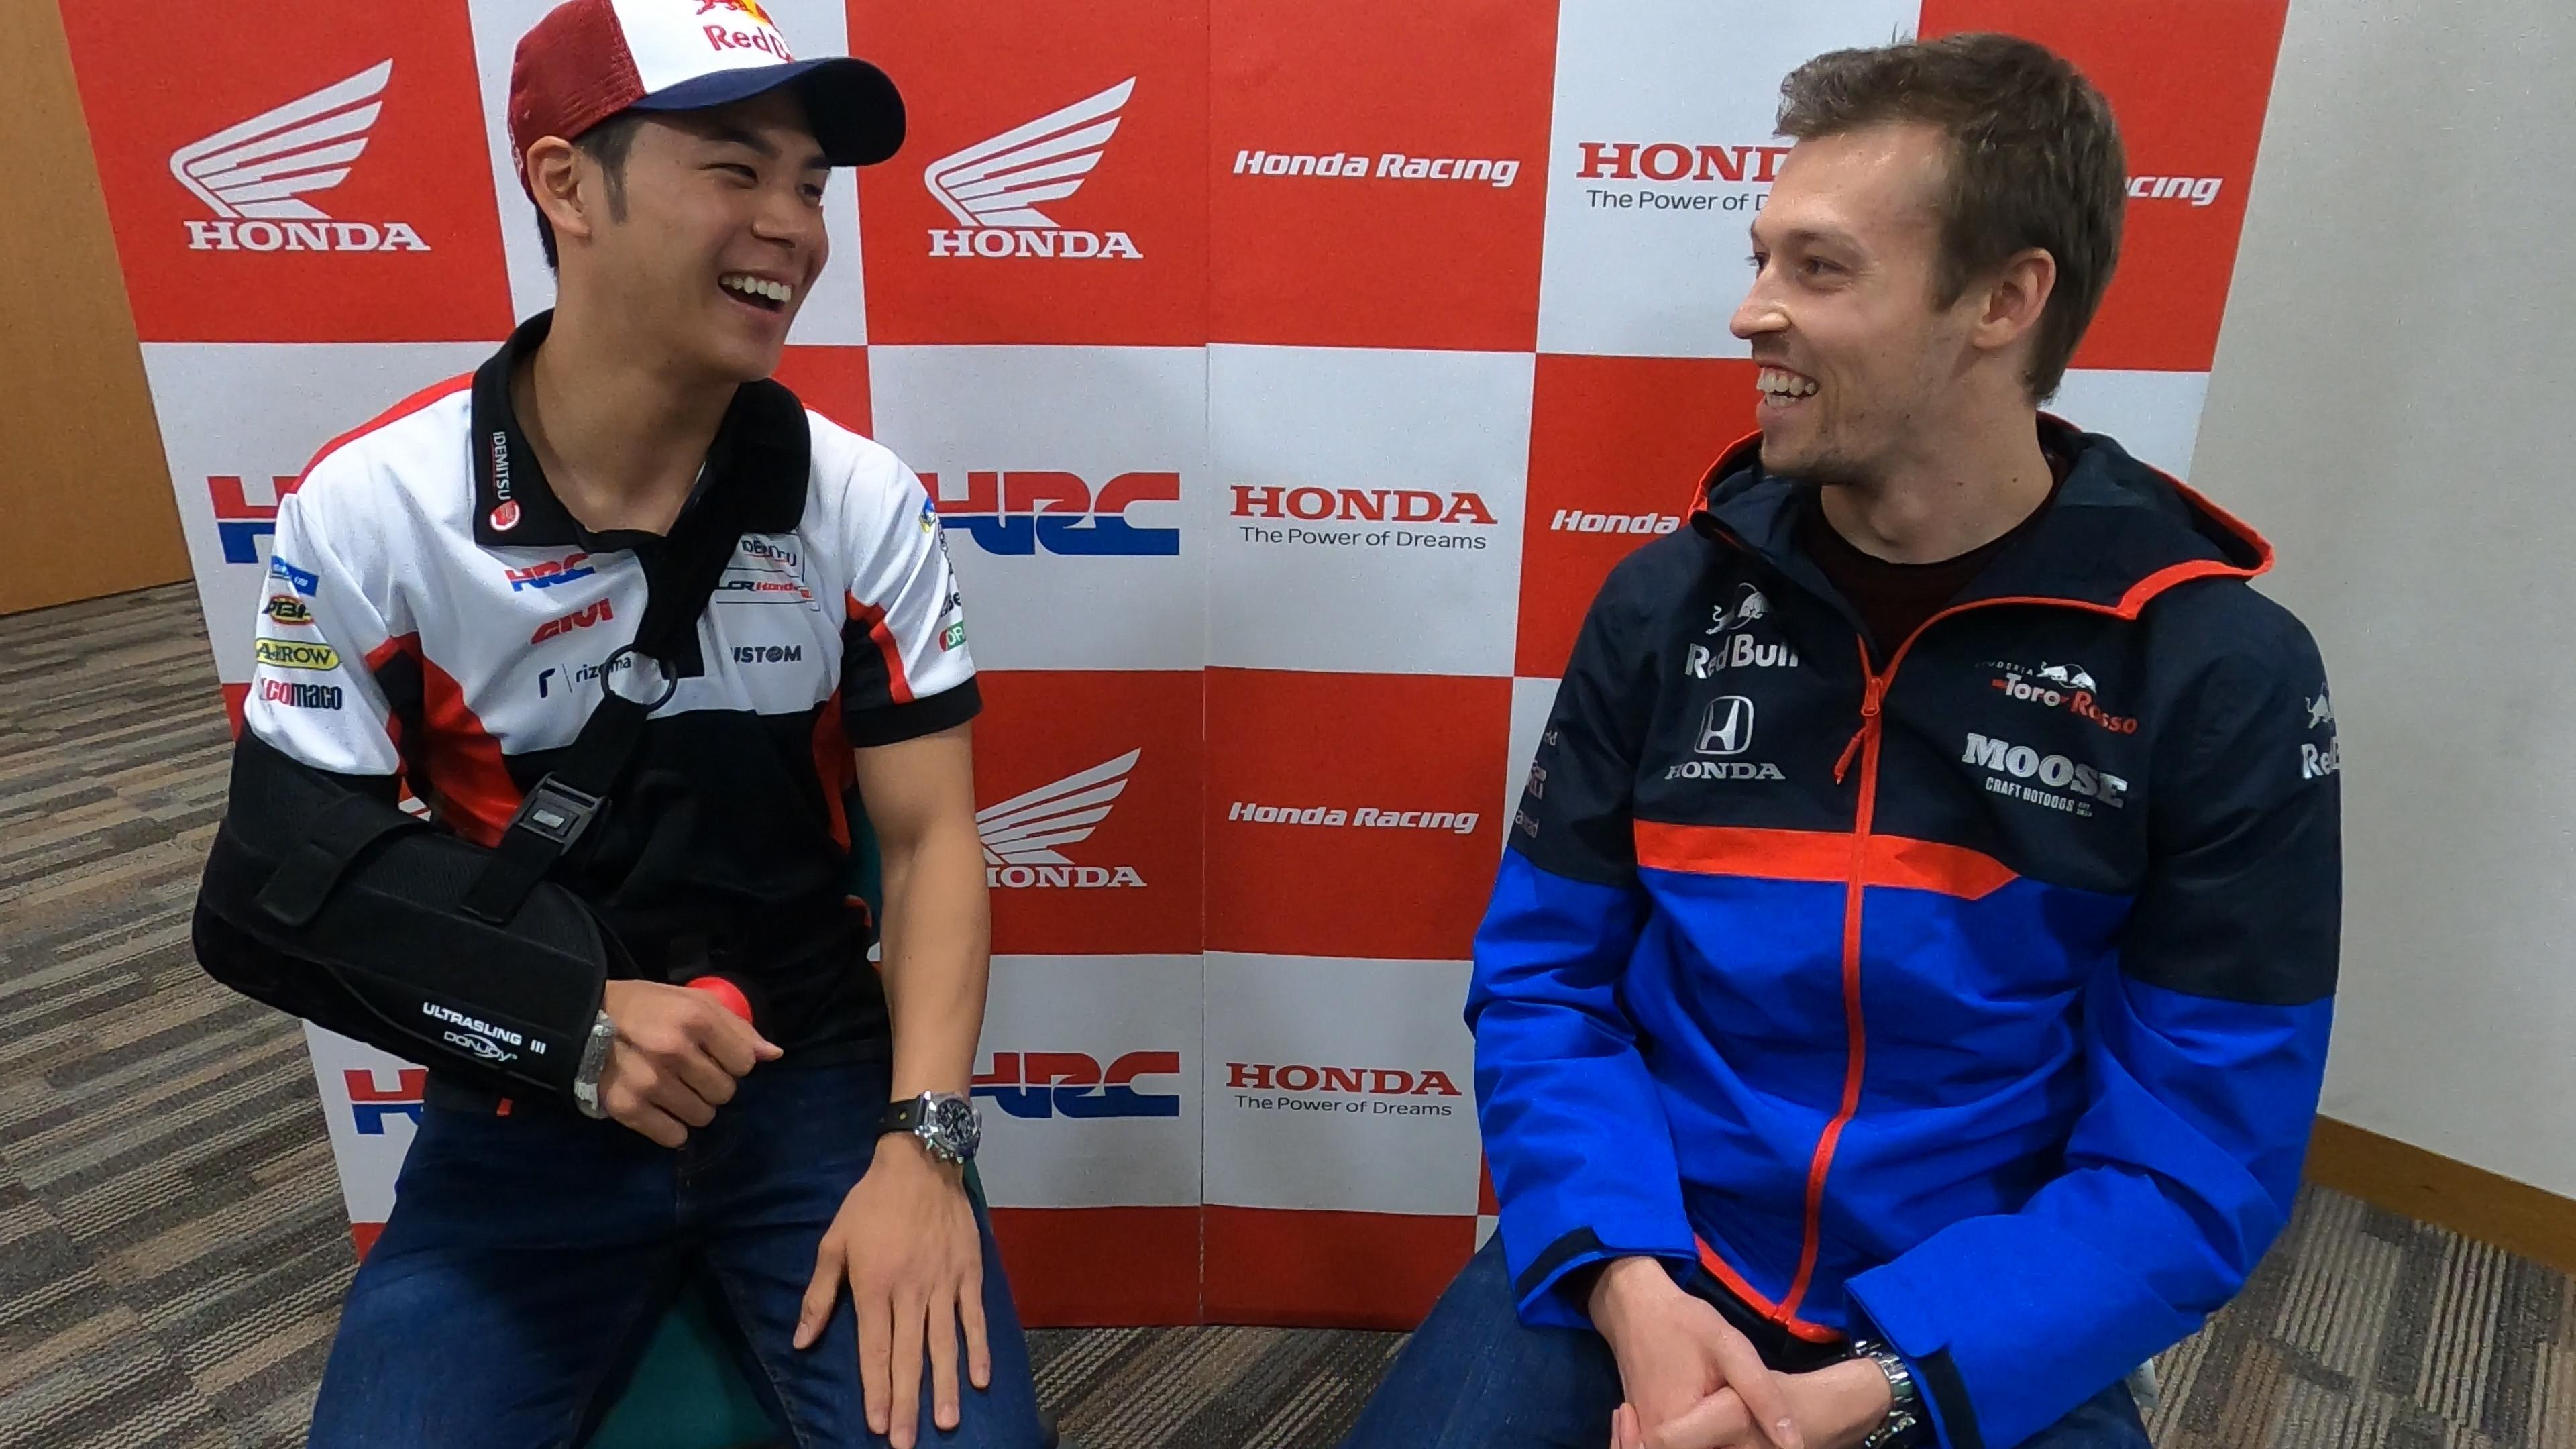 When MotoGP met Formula 1